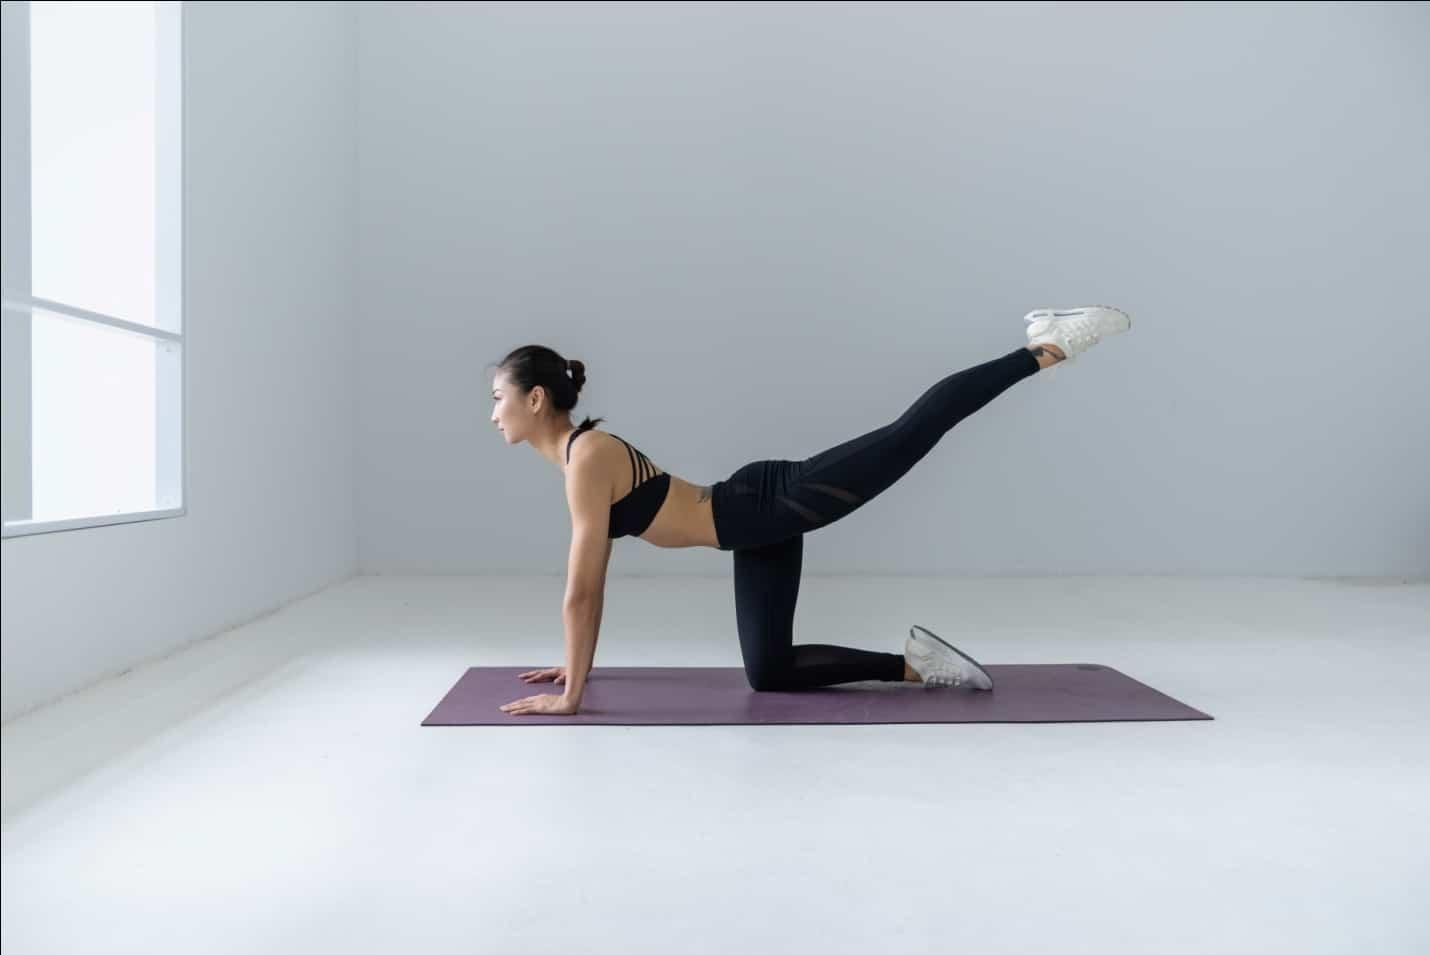 performing yoga pose